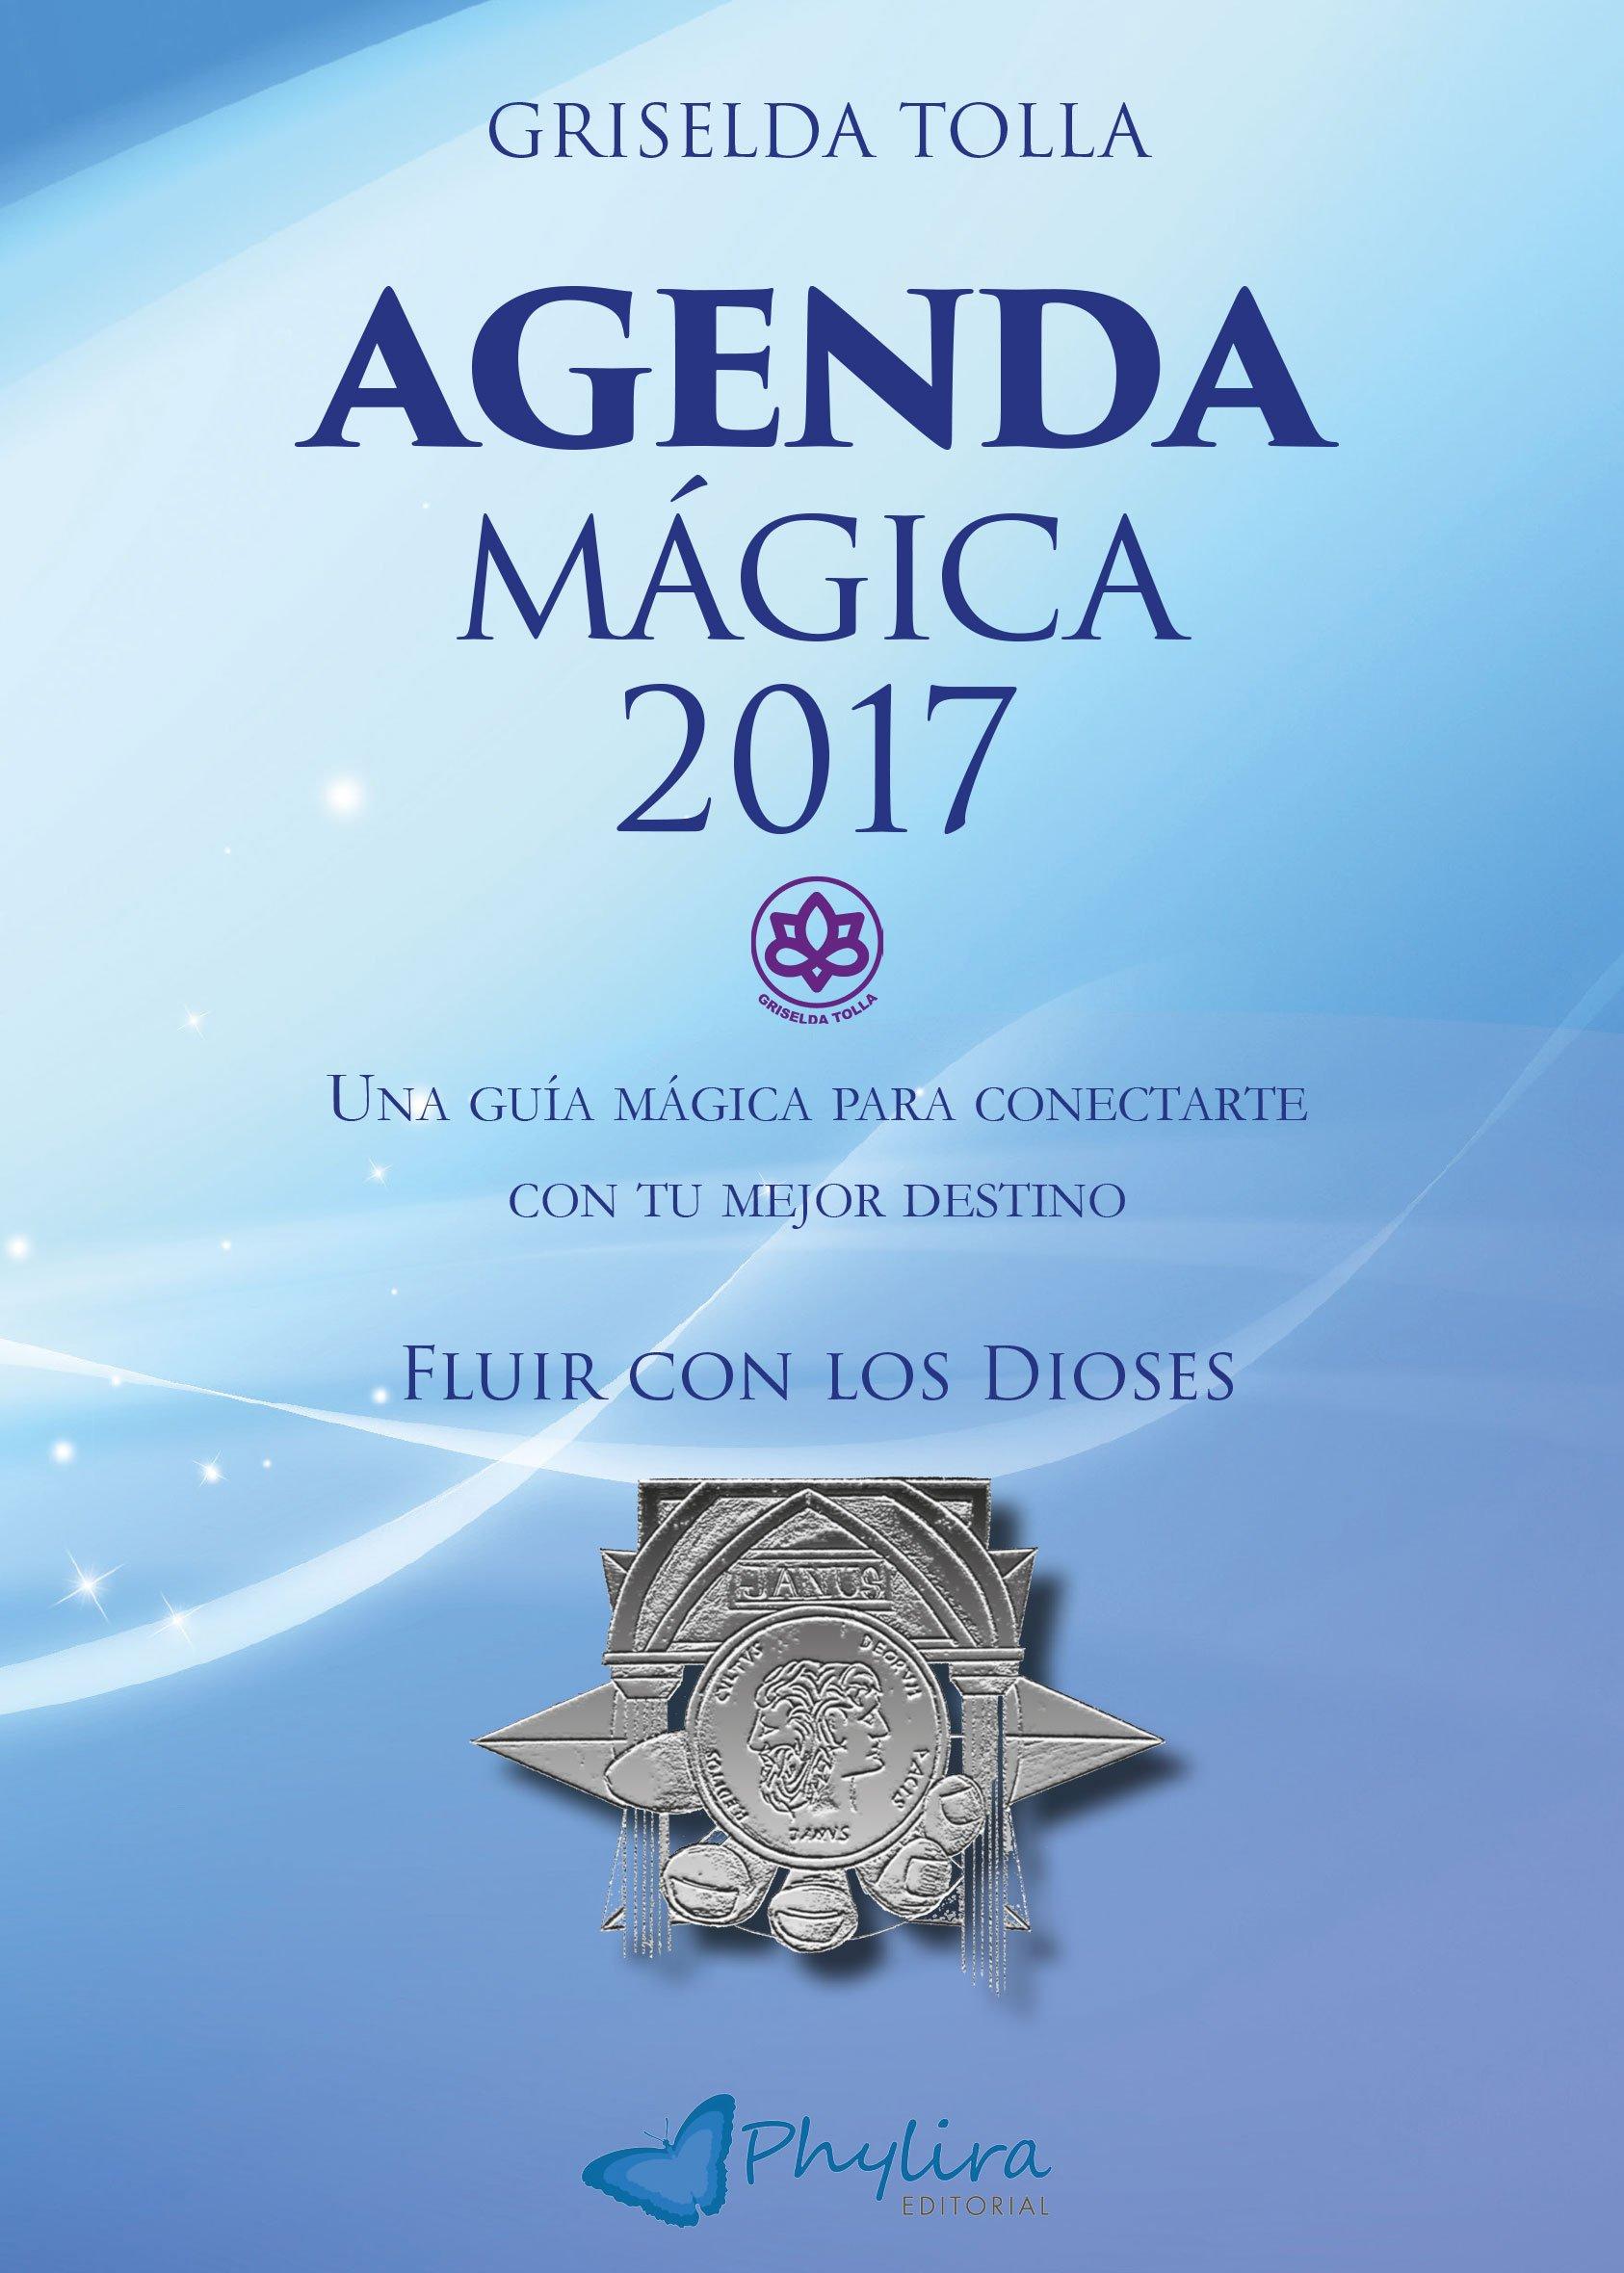 Agenda mágica 2017: Amazon.es: Griselda Tolla Pino: Libros